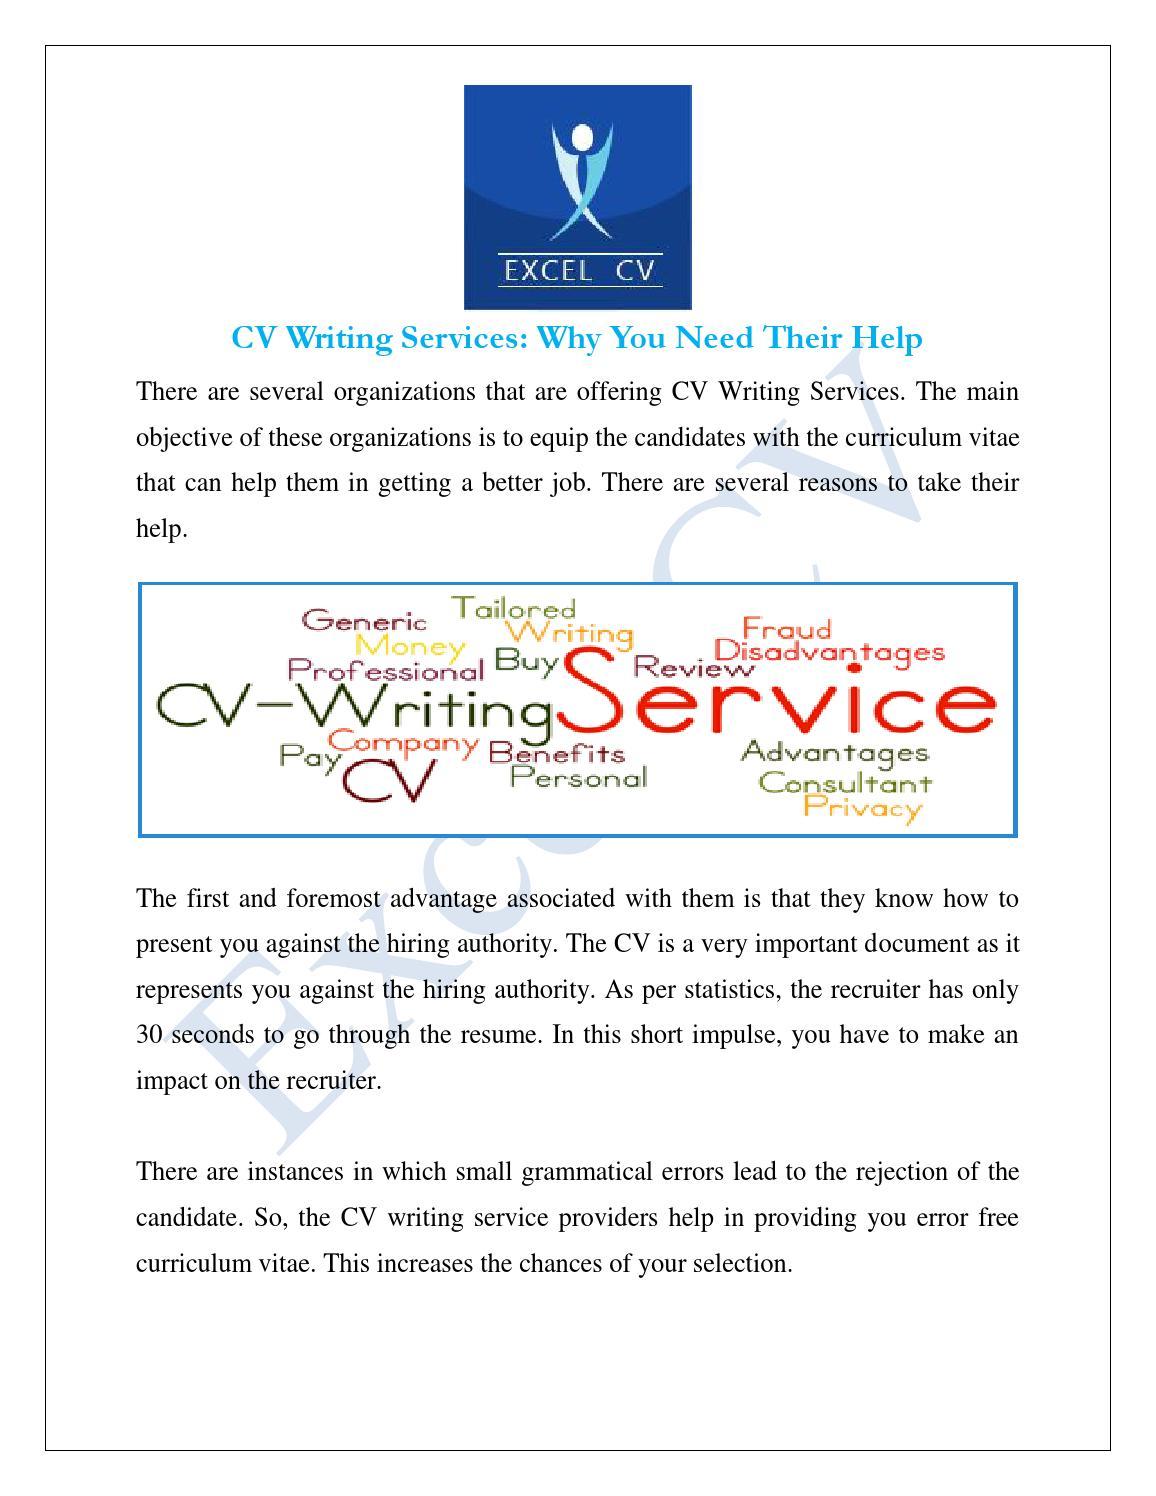 résumé or curriculum vitae review advantages and disadvantages